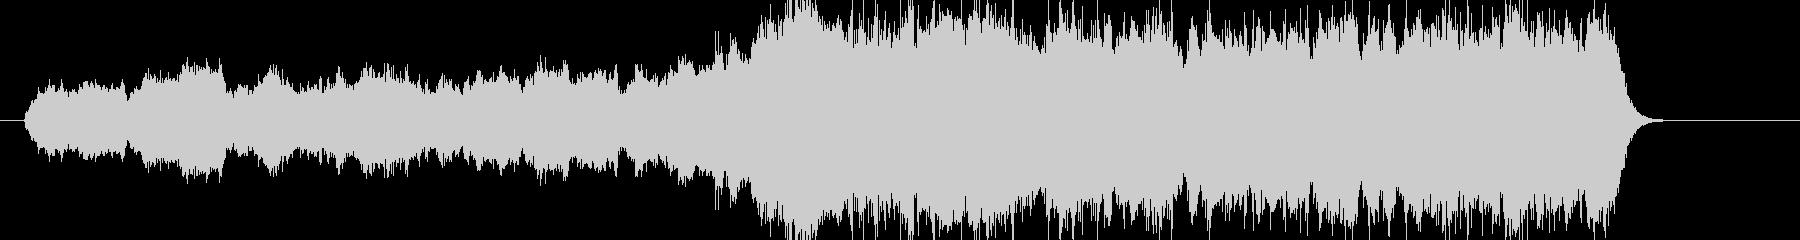 壮大なストリングス曲の未再生の波形